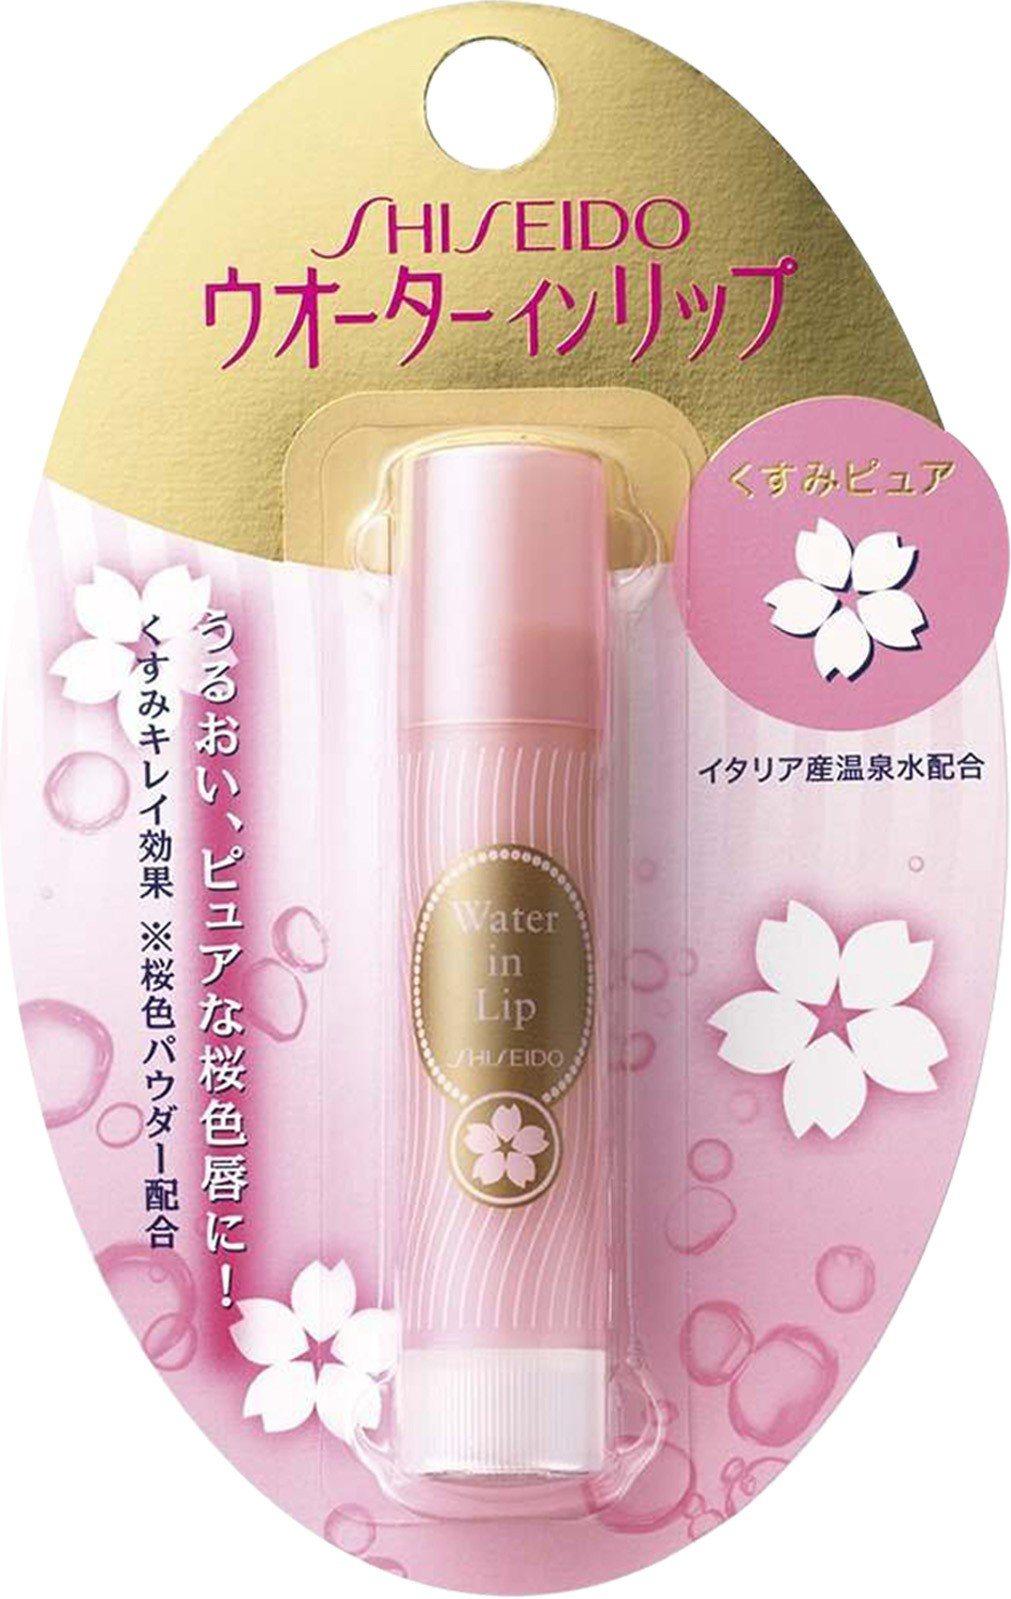 SHISEIDO水潤櫻花護唇膏(粉色),售價199元。圖/松本清提供